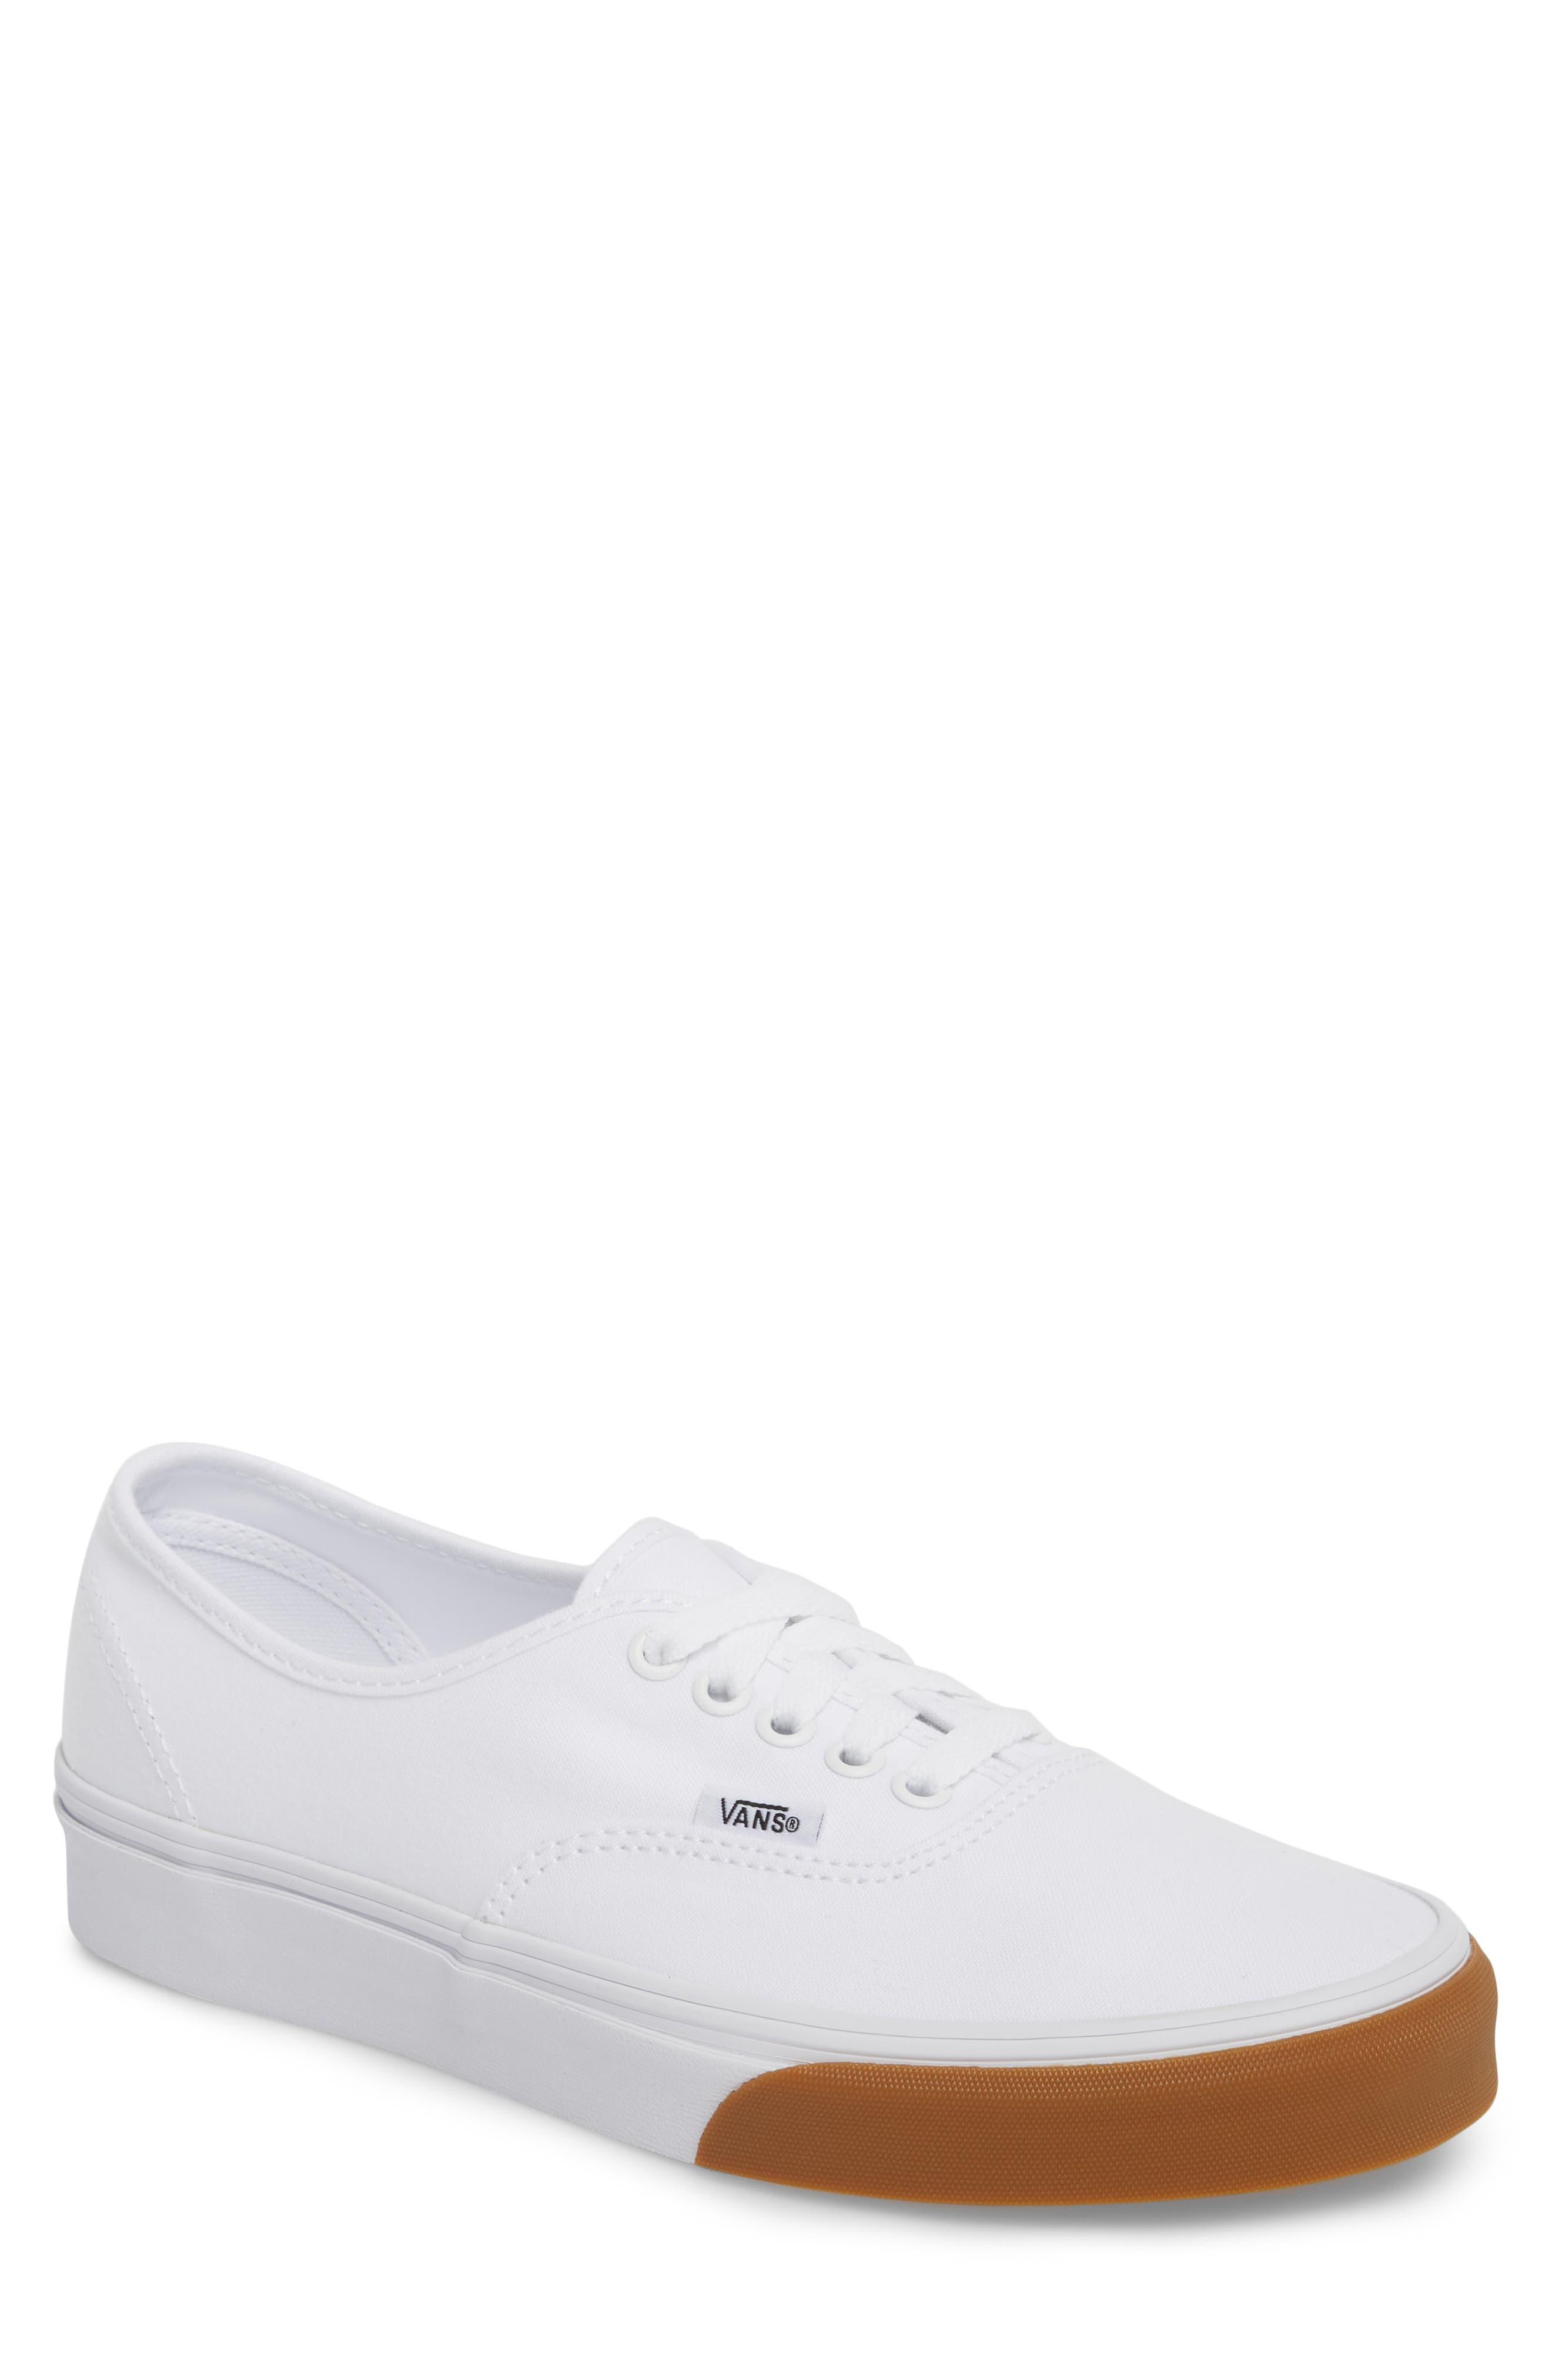 Authentic Gum Bumper Sneaker,                         Main,                         color, True White/ True White